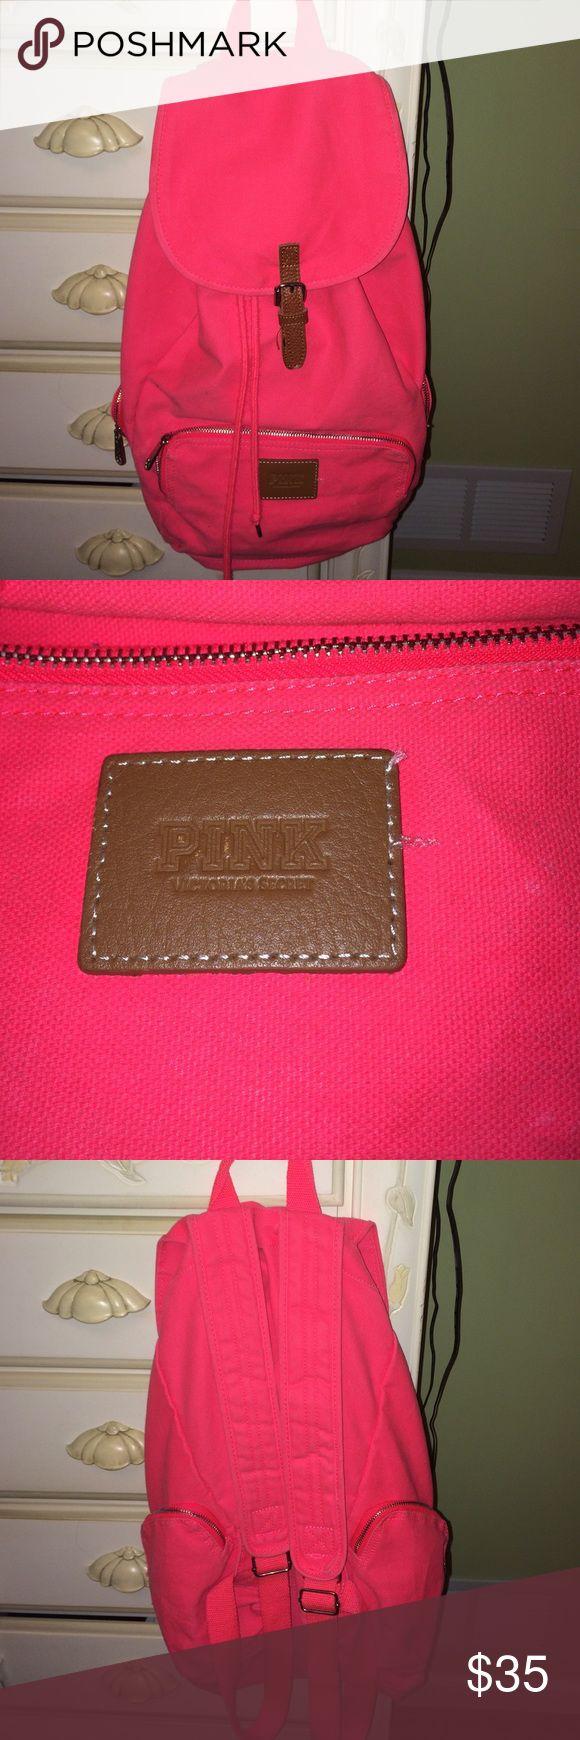 1000  ide tentang Cute Backpacks For School di Pinterest | Tas ...